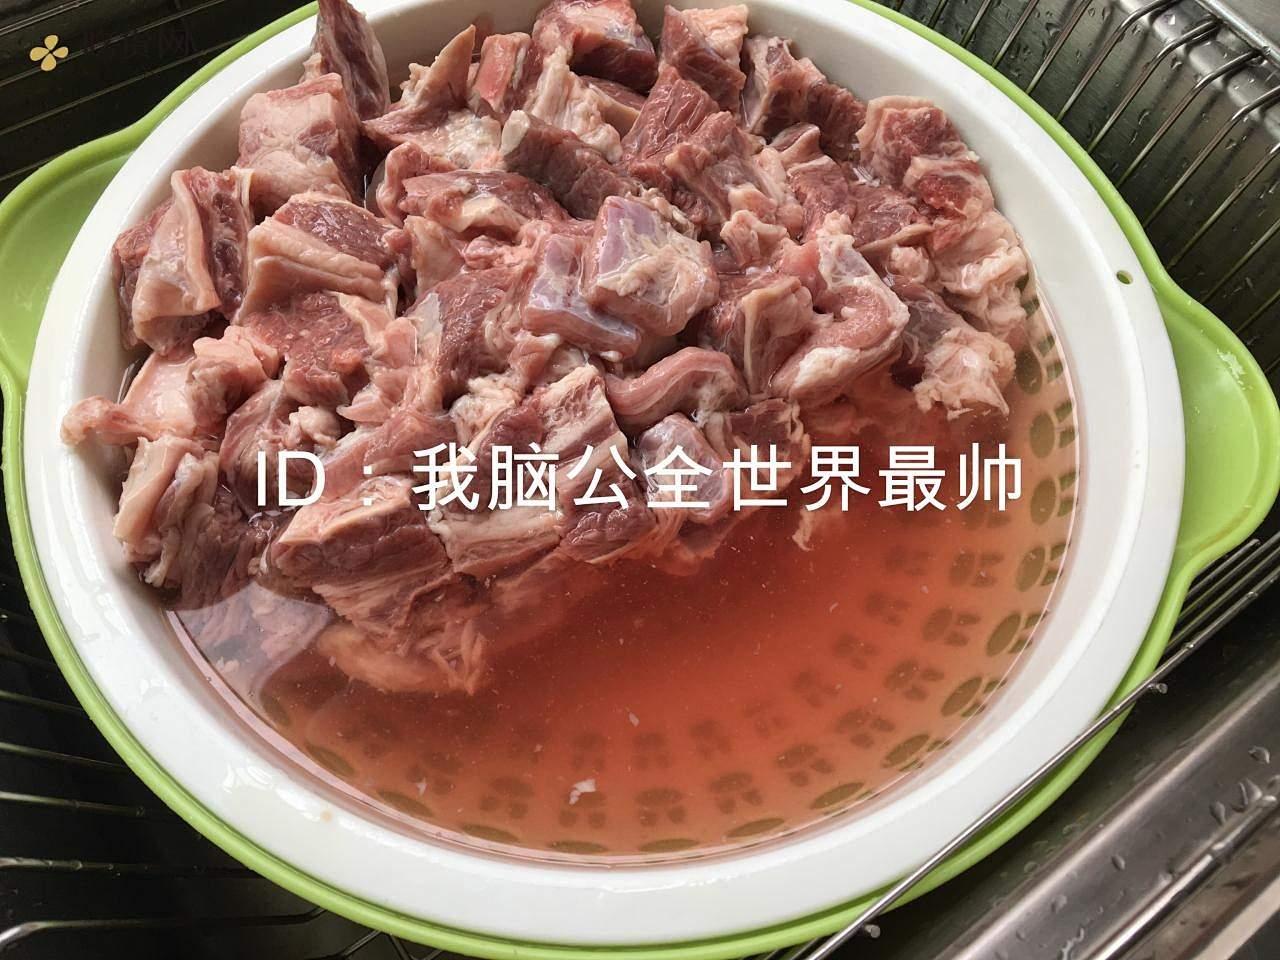 超级无敌好吃的红烧牛肉的做法 步骤5